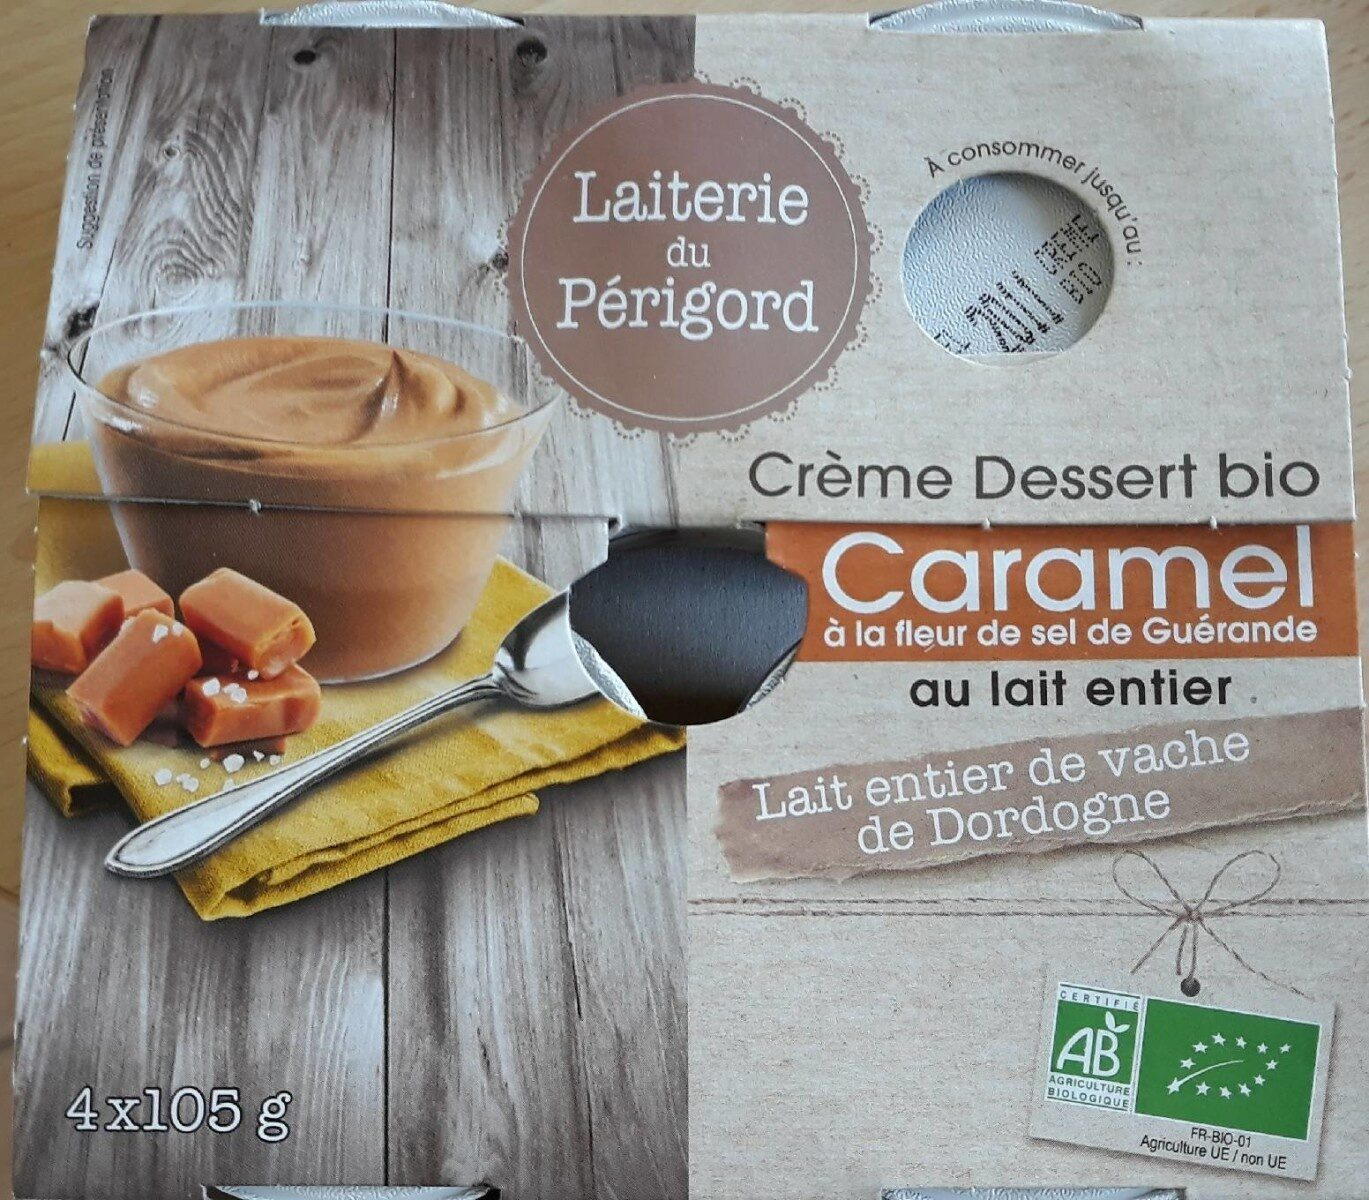 Crême Dessert bio au Caramel à la fleur de sel - Informations nutritionnelles - fr